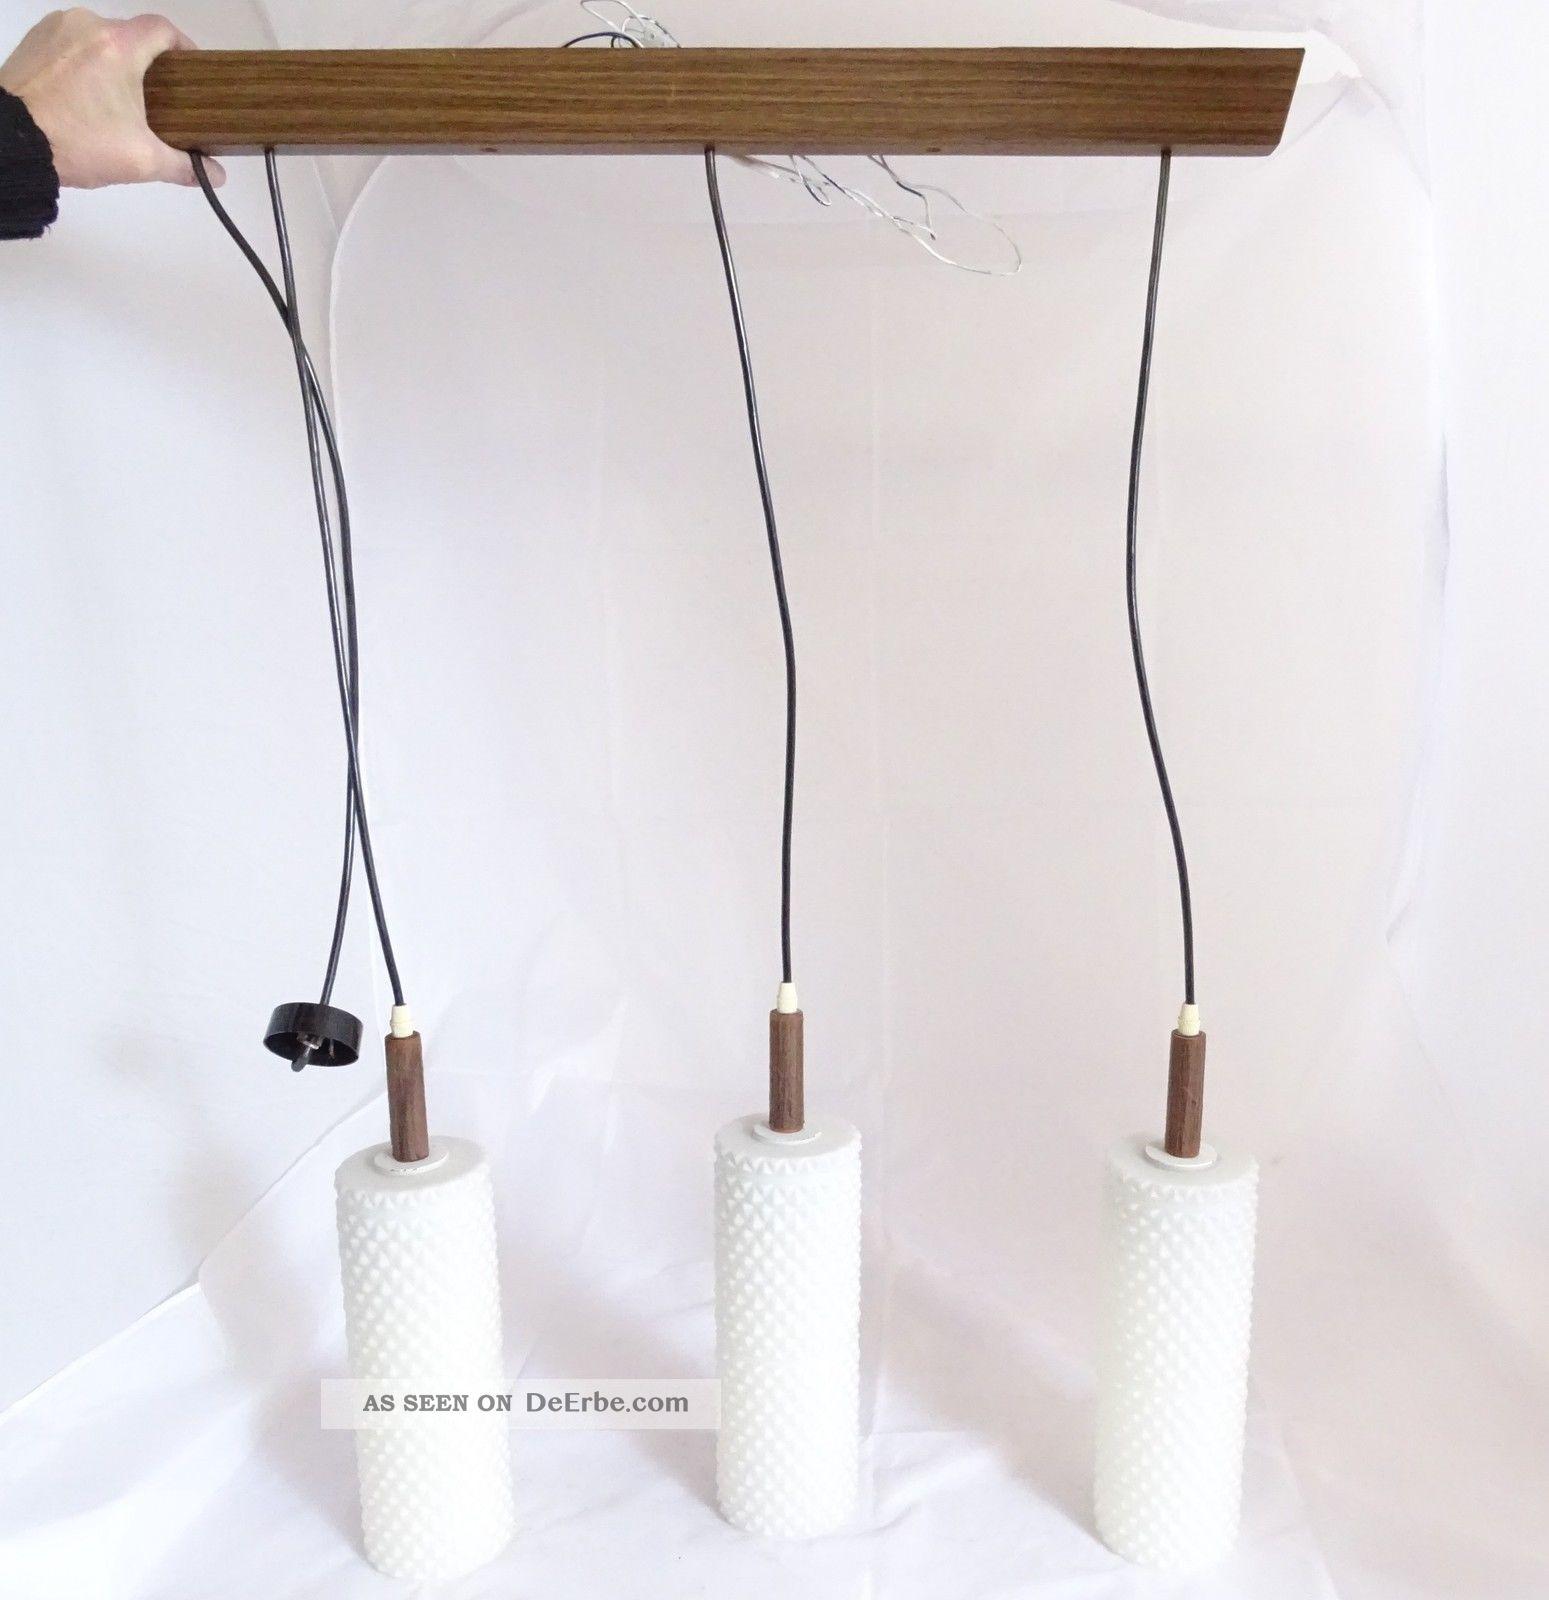 mid century kaskadenlampe deckenlampe retro design klassiker 60 70er jahre. Black Bedroom Furniture Sets. Home Design Ideas